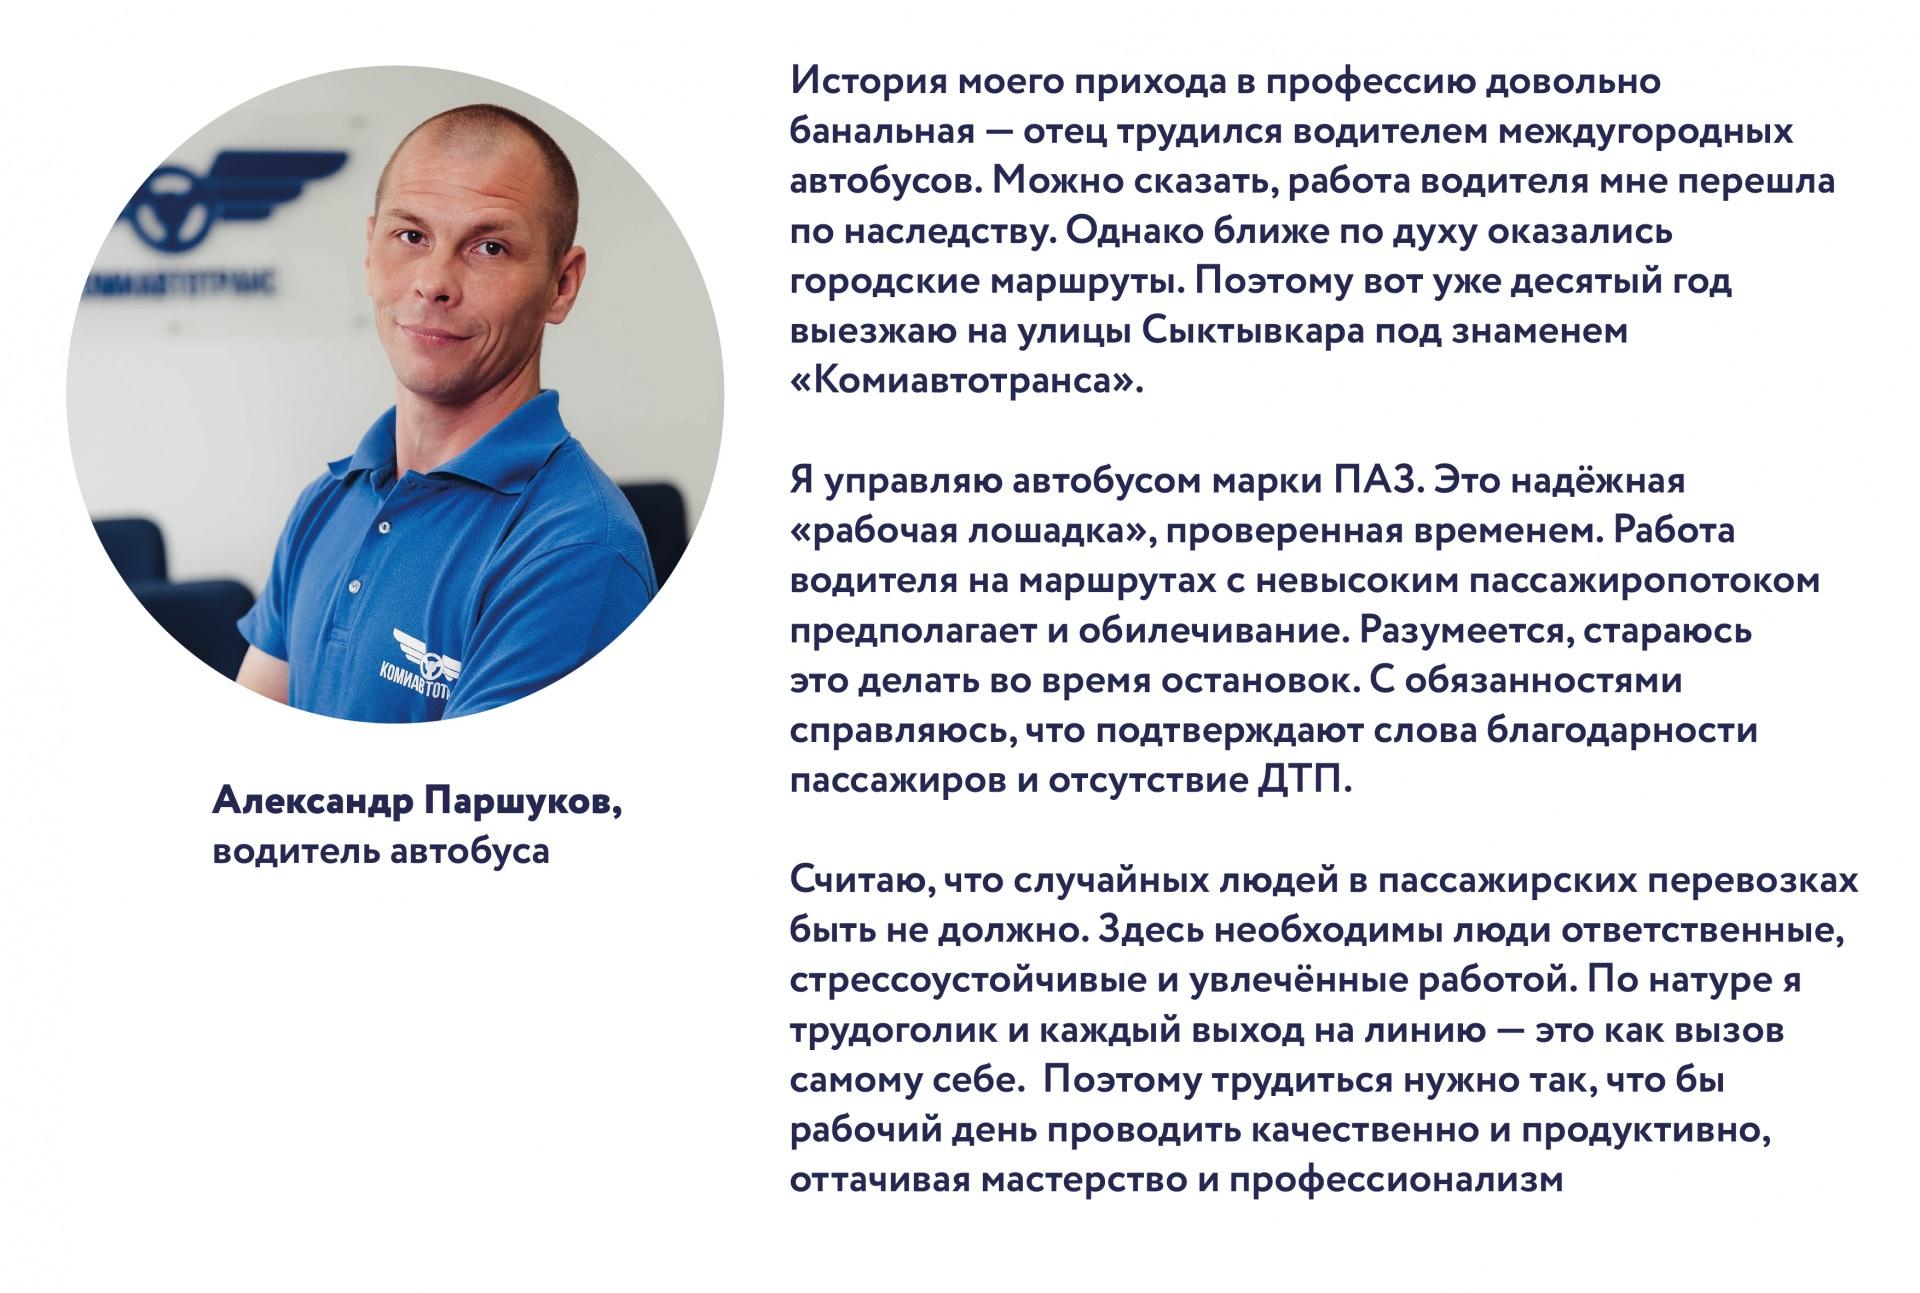 A.-Parschukov-01.jpg